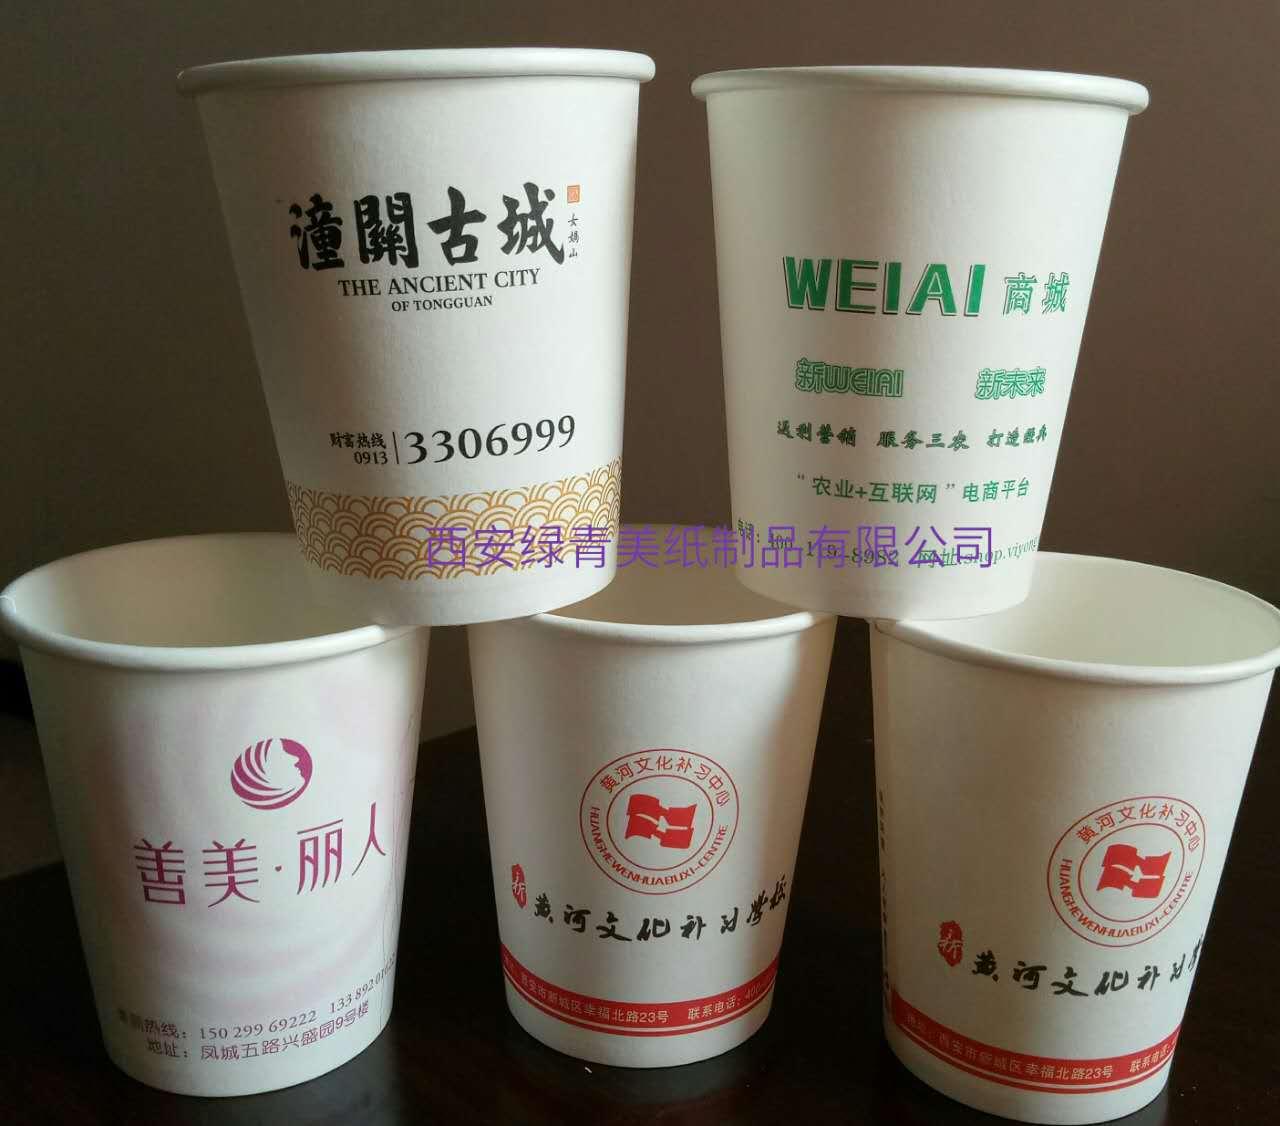 广告纸杯纸碗企业宣传袋无纺布袋抽纸盒制作找西安绿青美纸杯厂